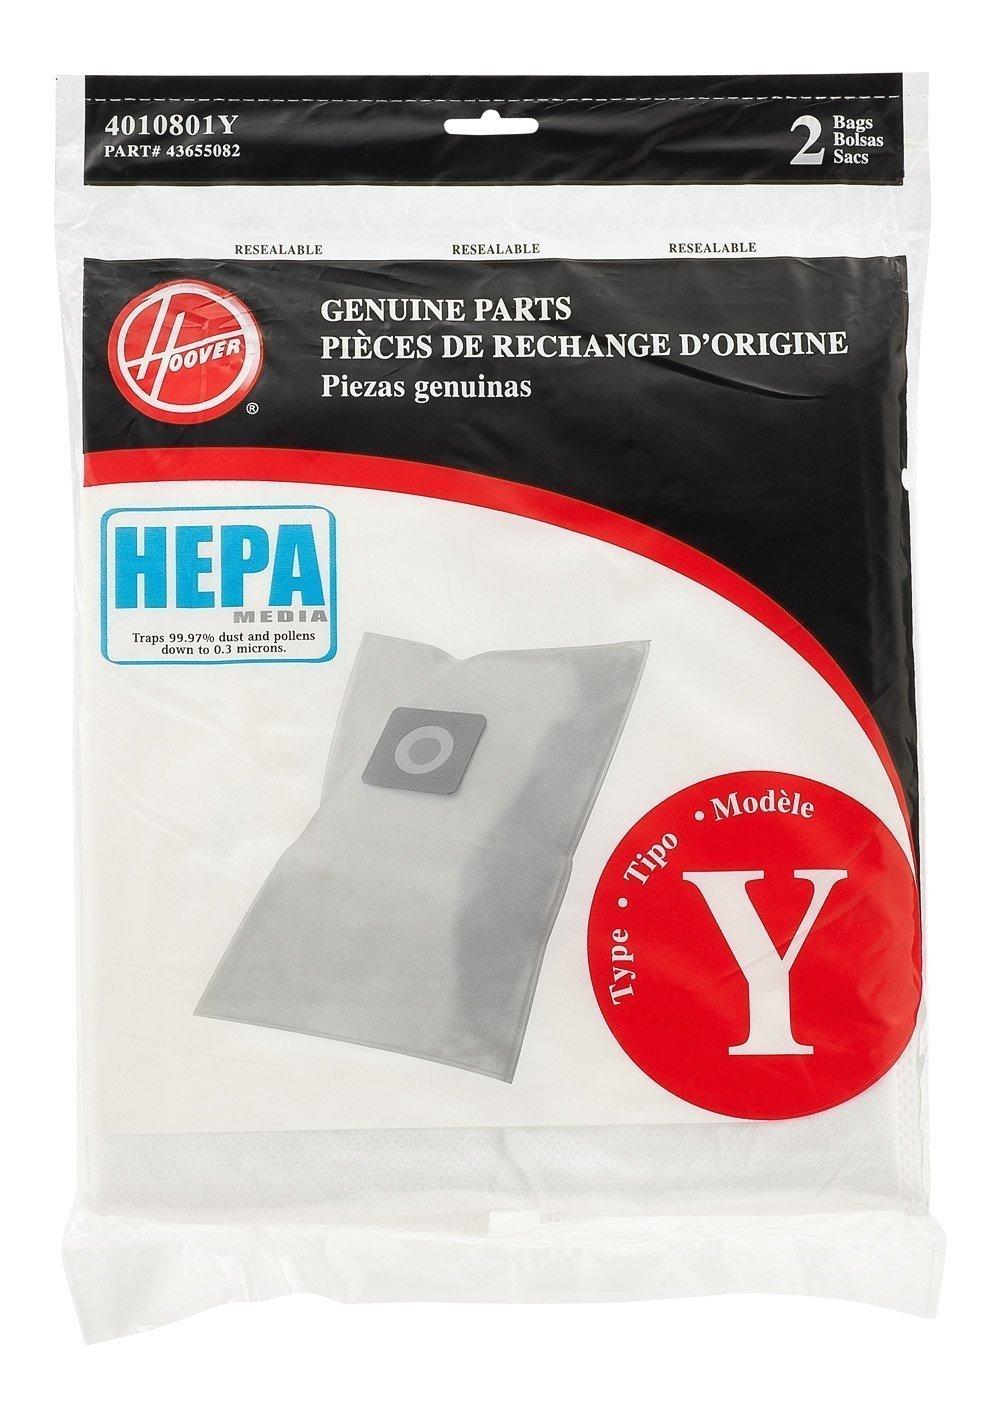 Hoover Type Y HEPA Filter Bag, Set of 6 bags 4010801Y